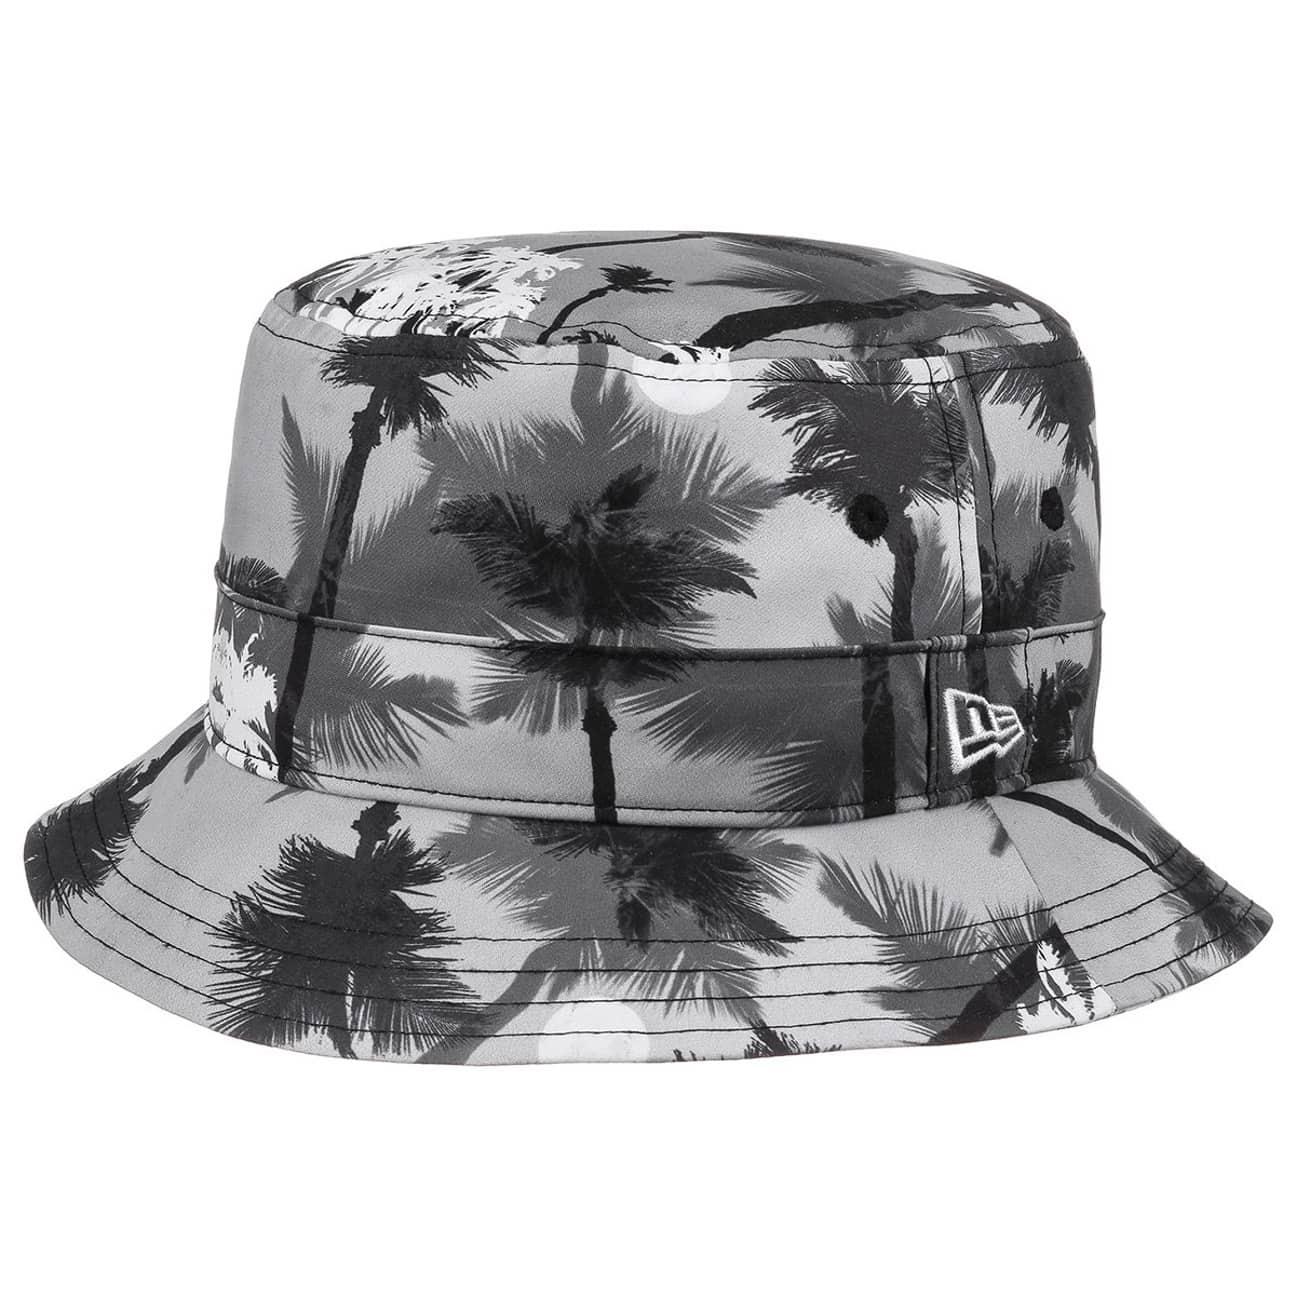 ... Miami Vibe Bucket Cappello by New Era - grigio 4 e18f3f901273